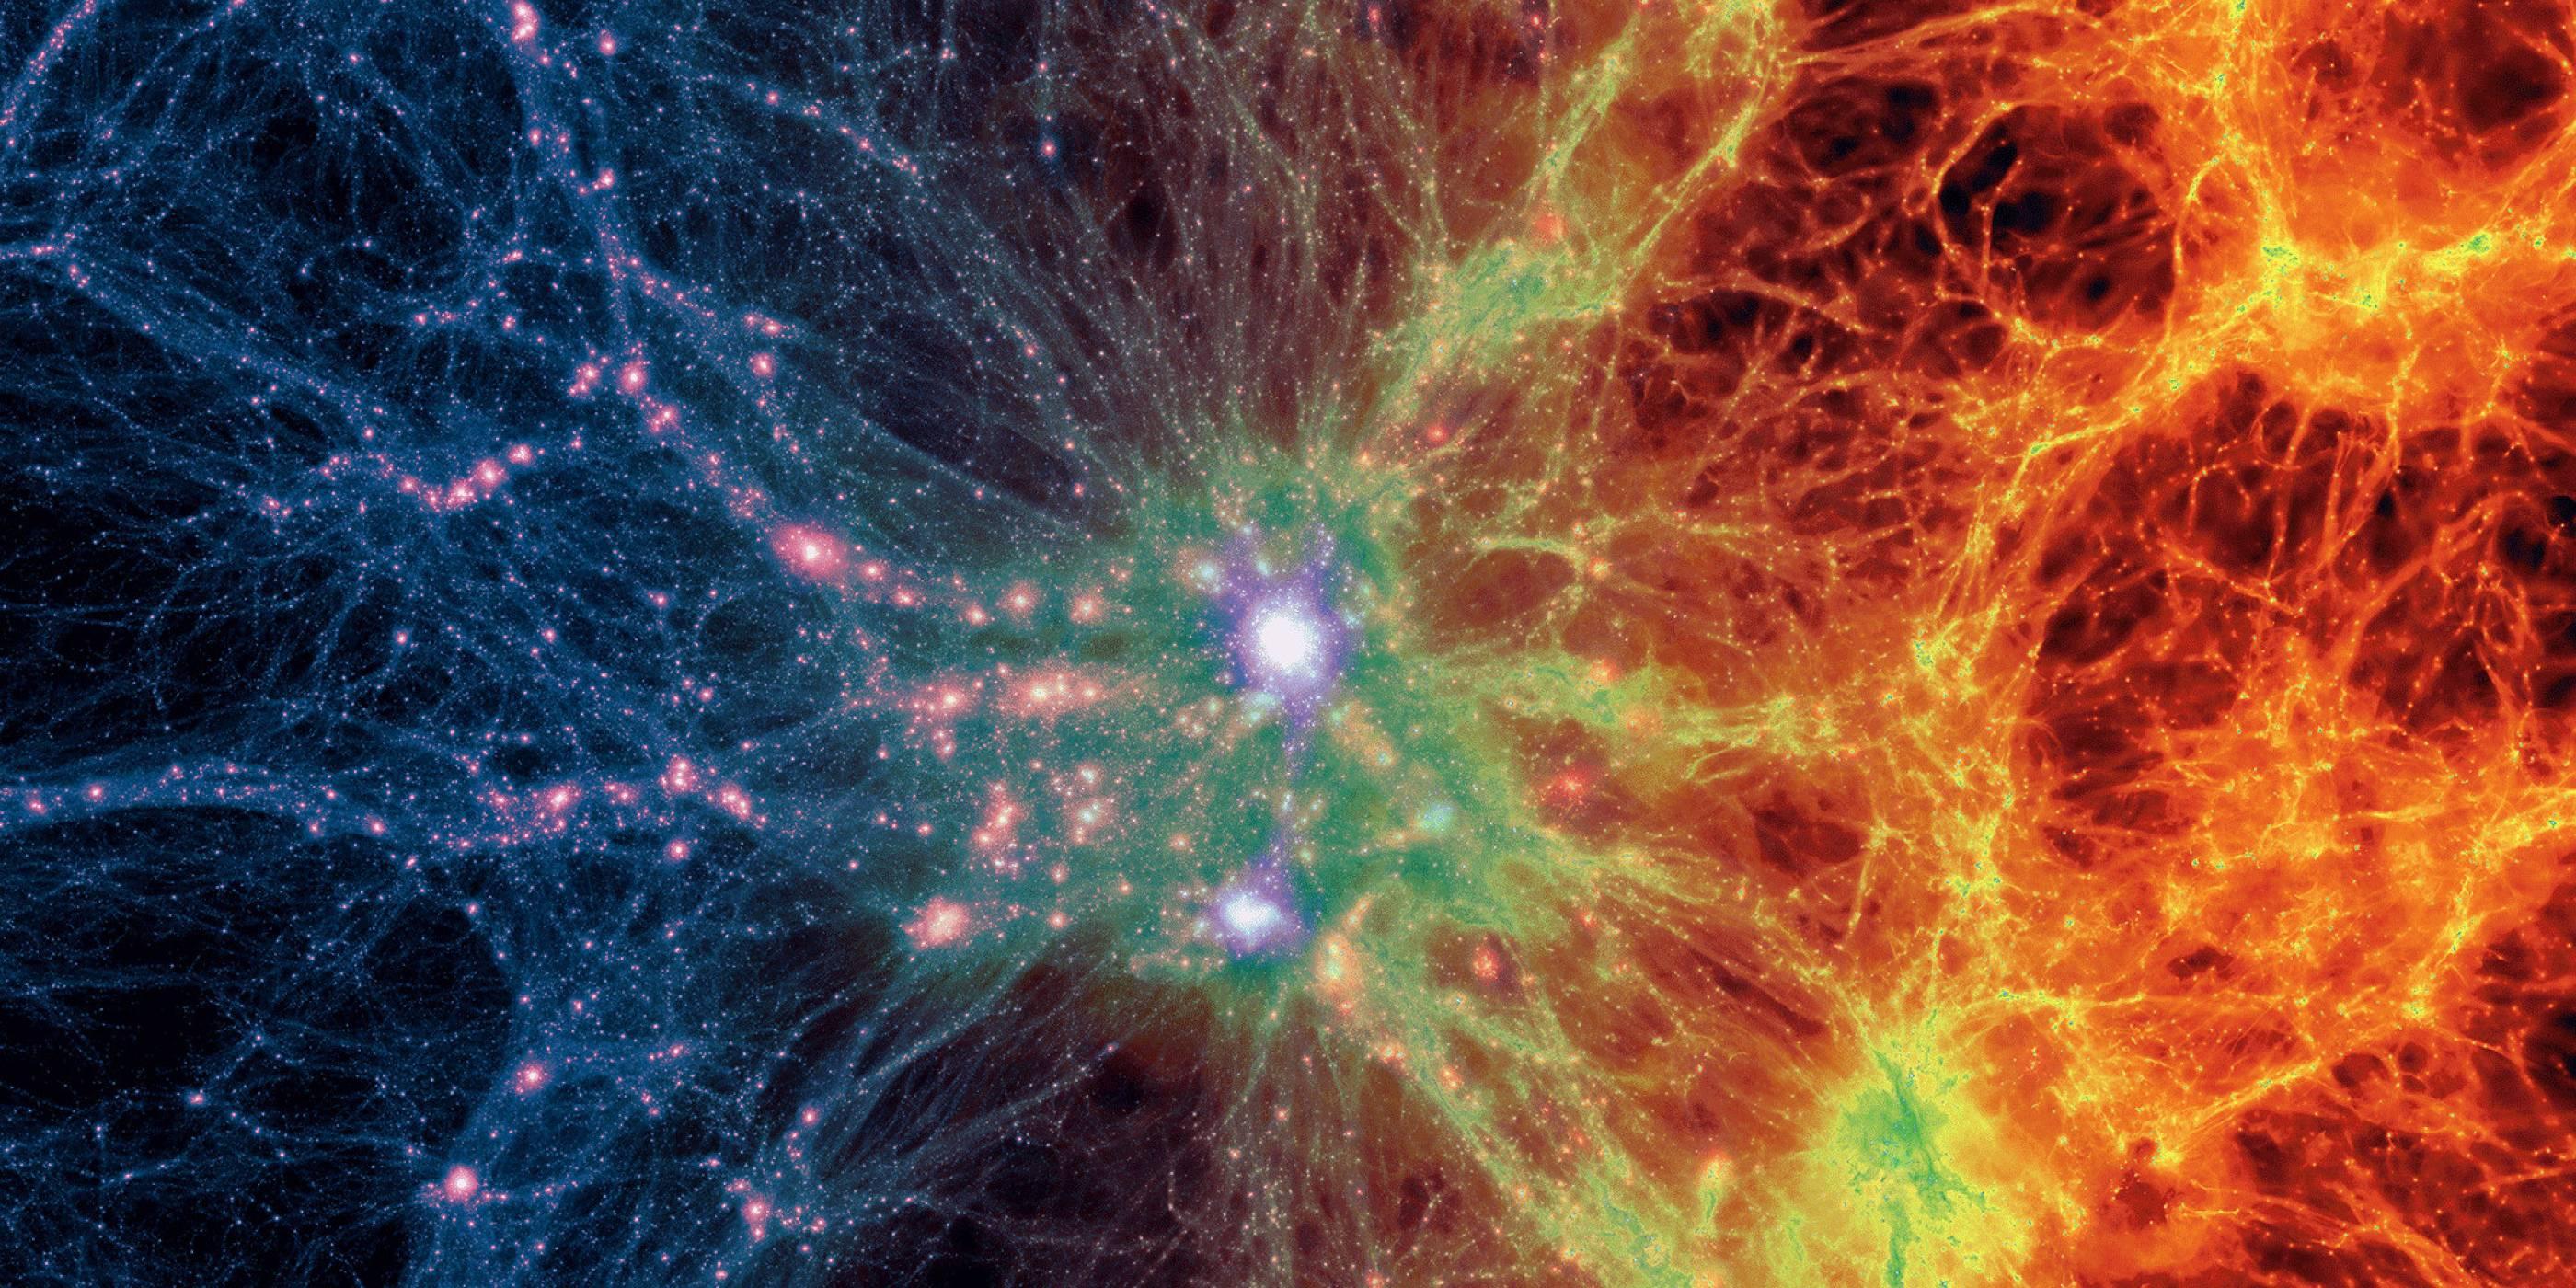 Създадоха най-голямата виртуална вселена в суперкомпютър